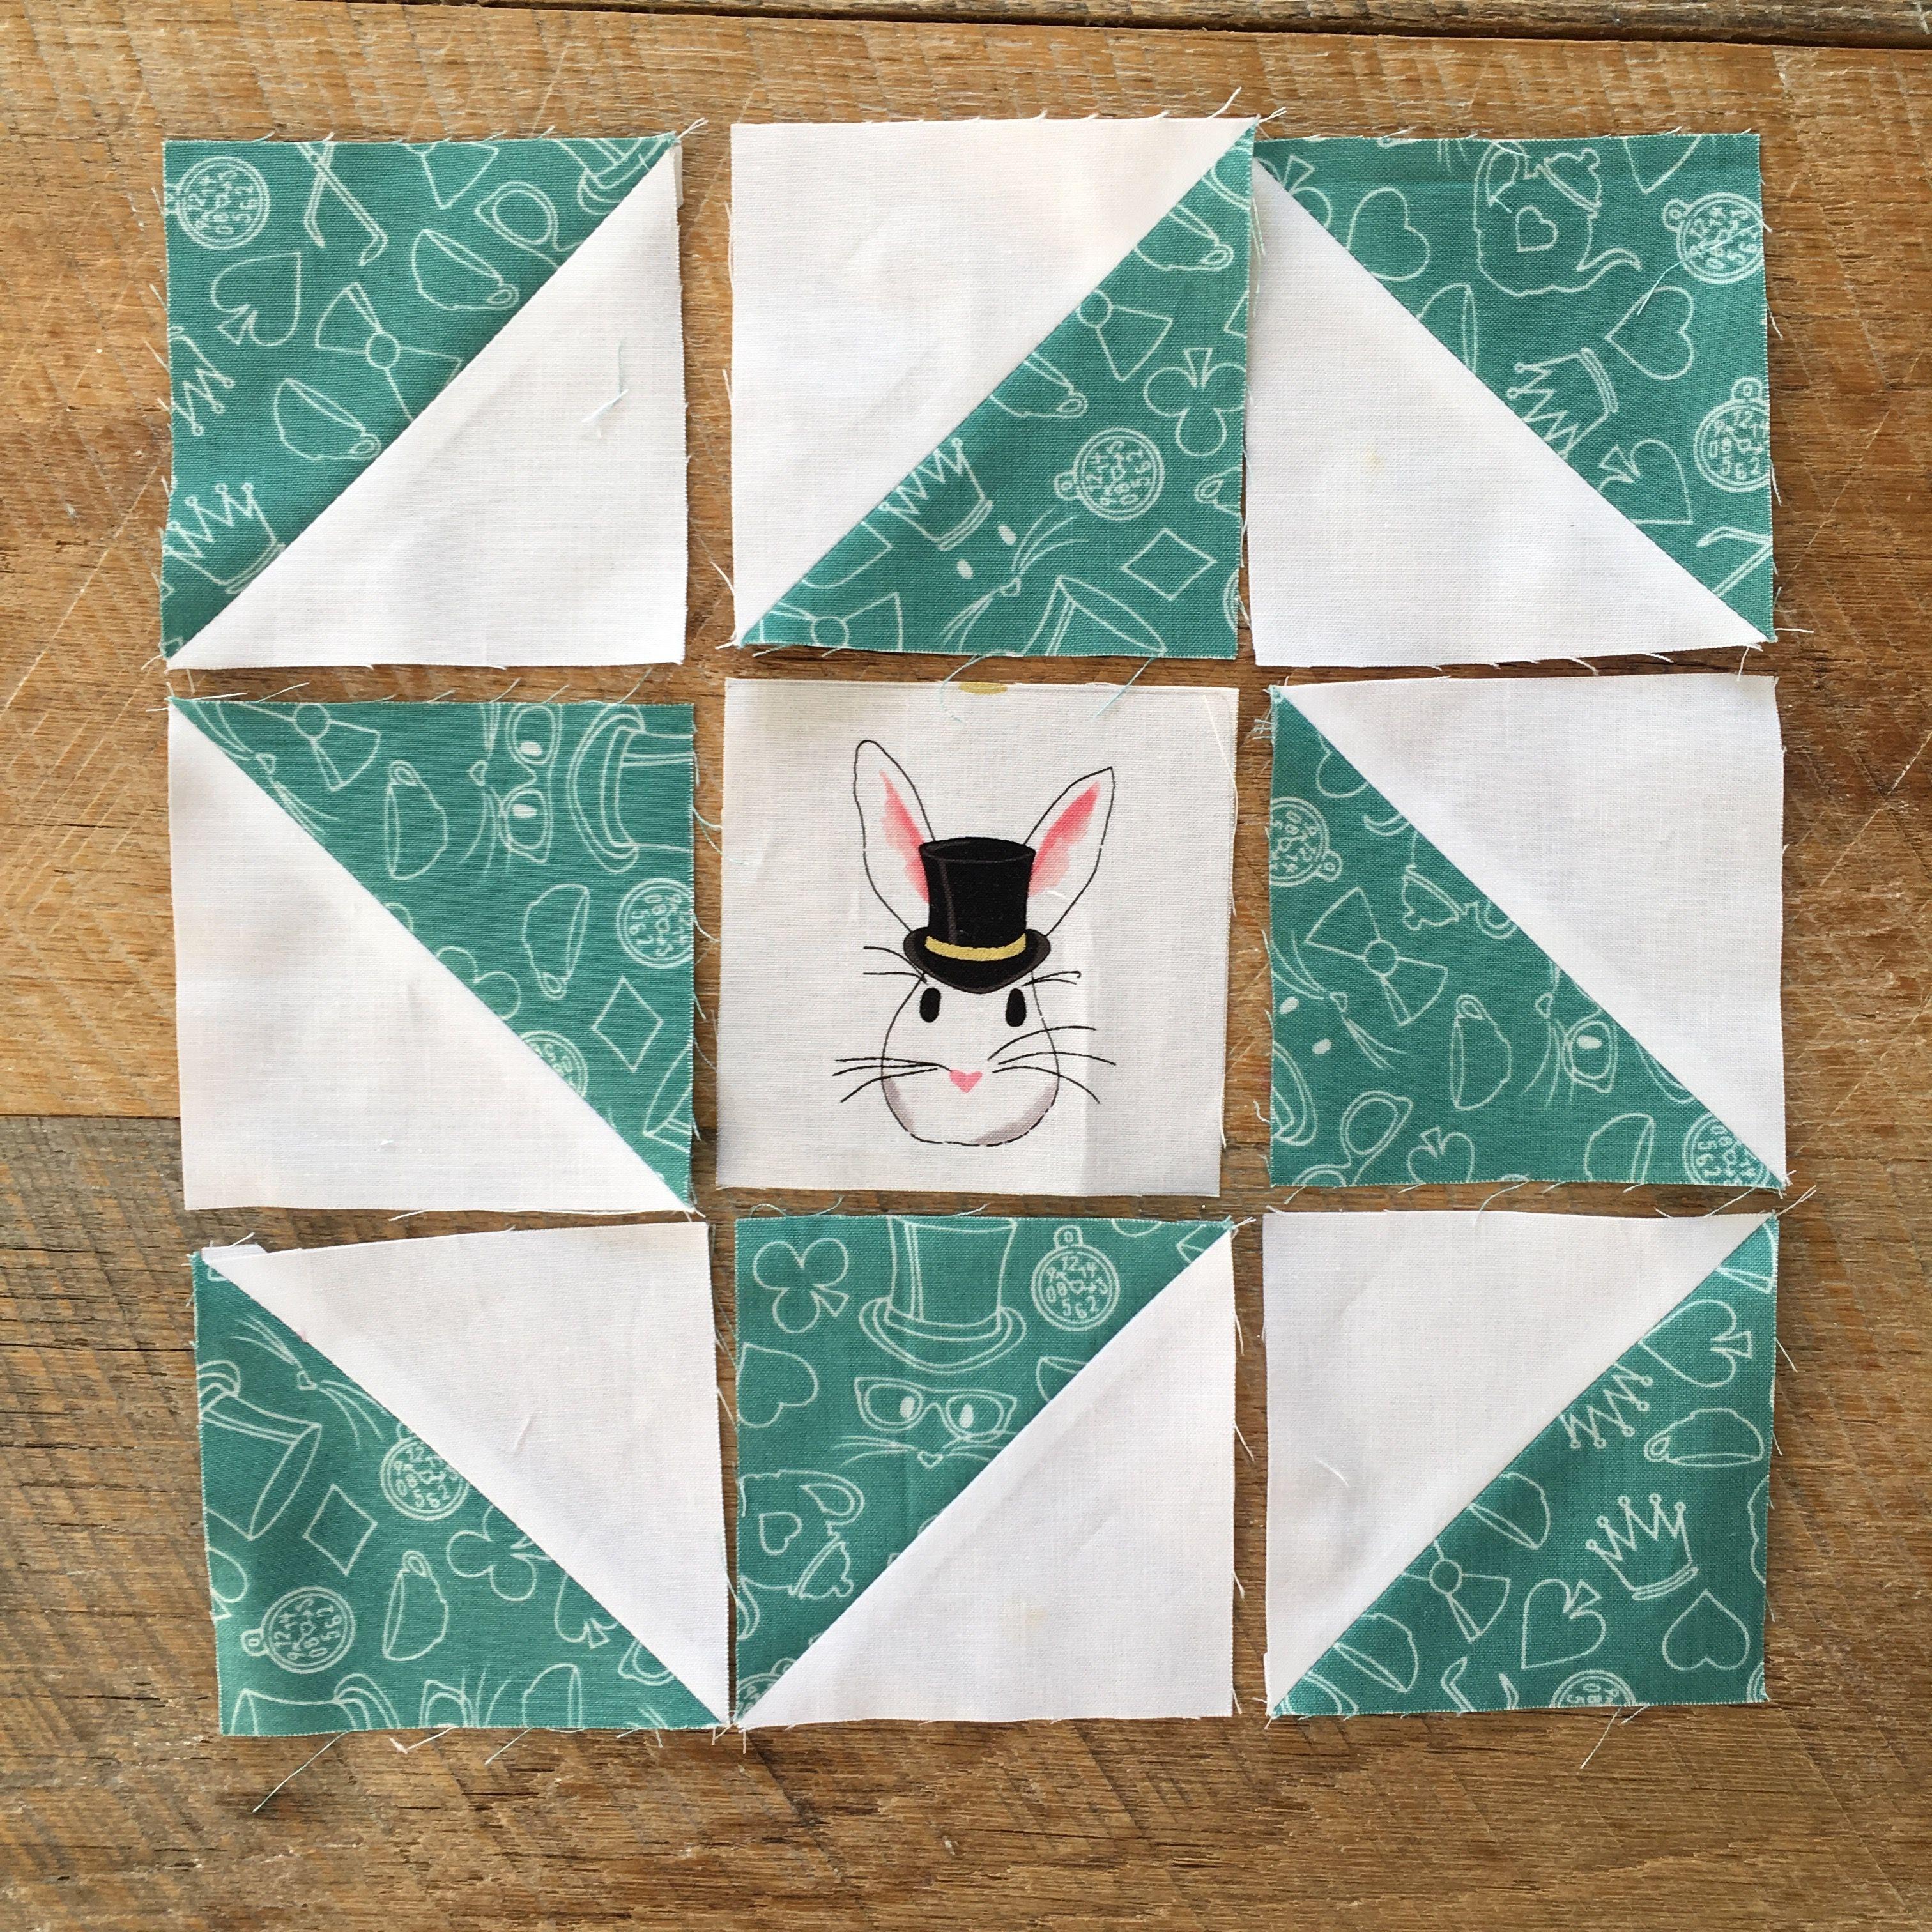 Cute Mini Quilt Tutorial Featuring Wonderland 2 Fabric